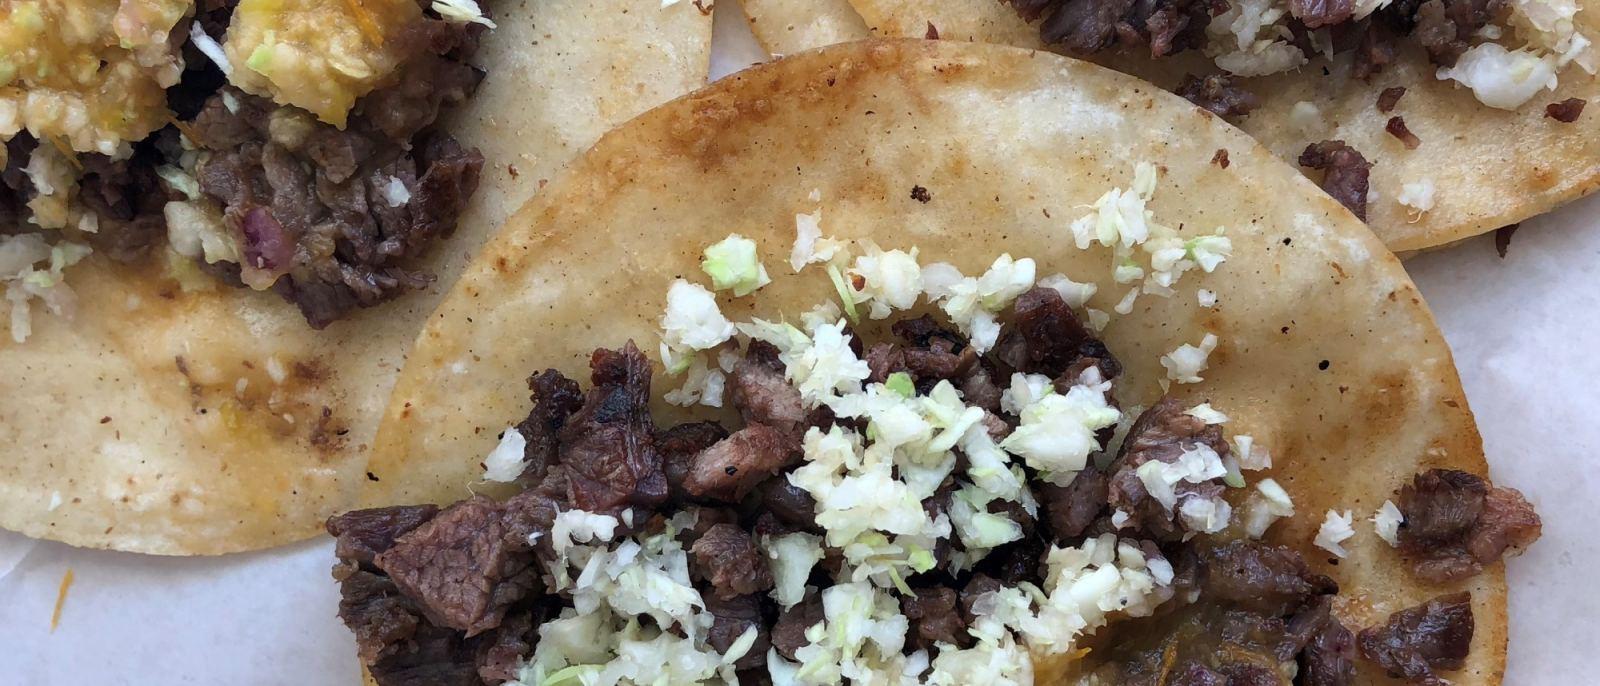 Carne Asada Tacos at Tacos La Carreta